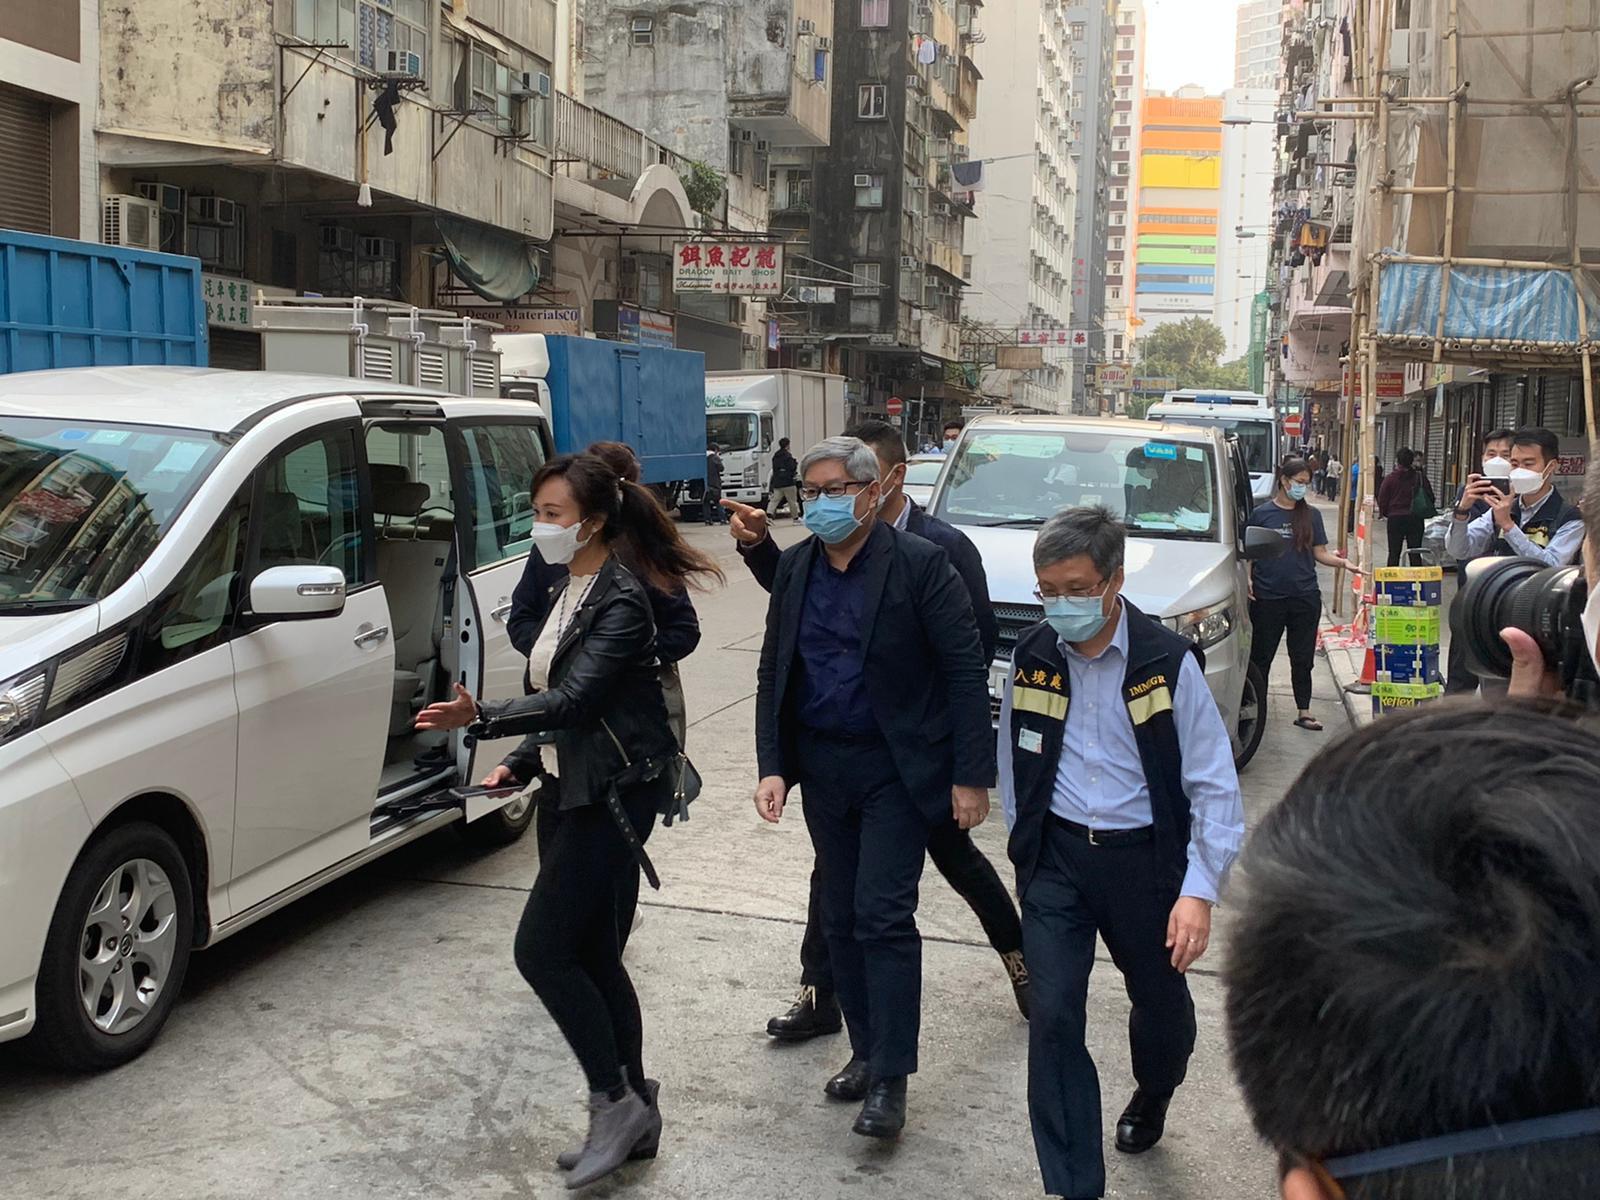 1月23日下午,入境處處長區嘉宏到場視察行動情況,並為同事們打氣。(入境處供圖)